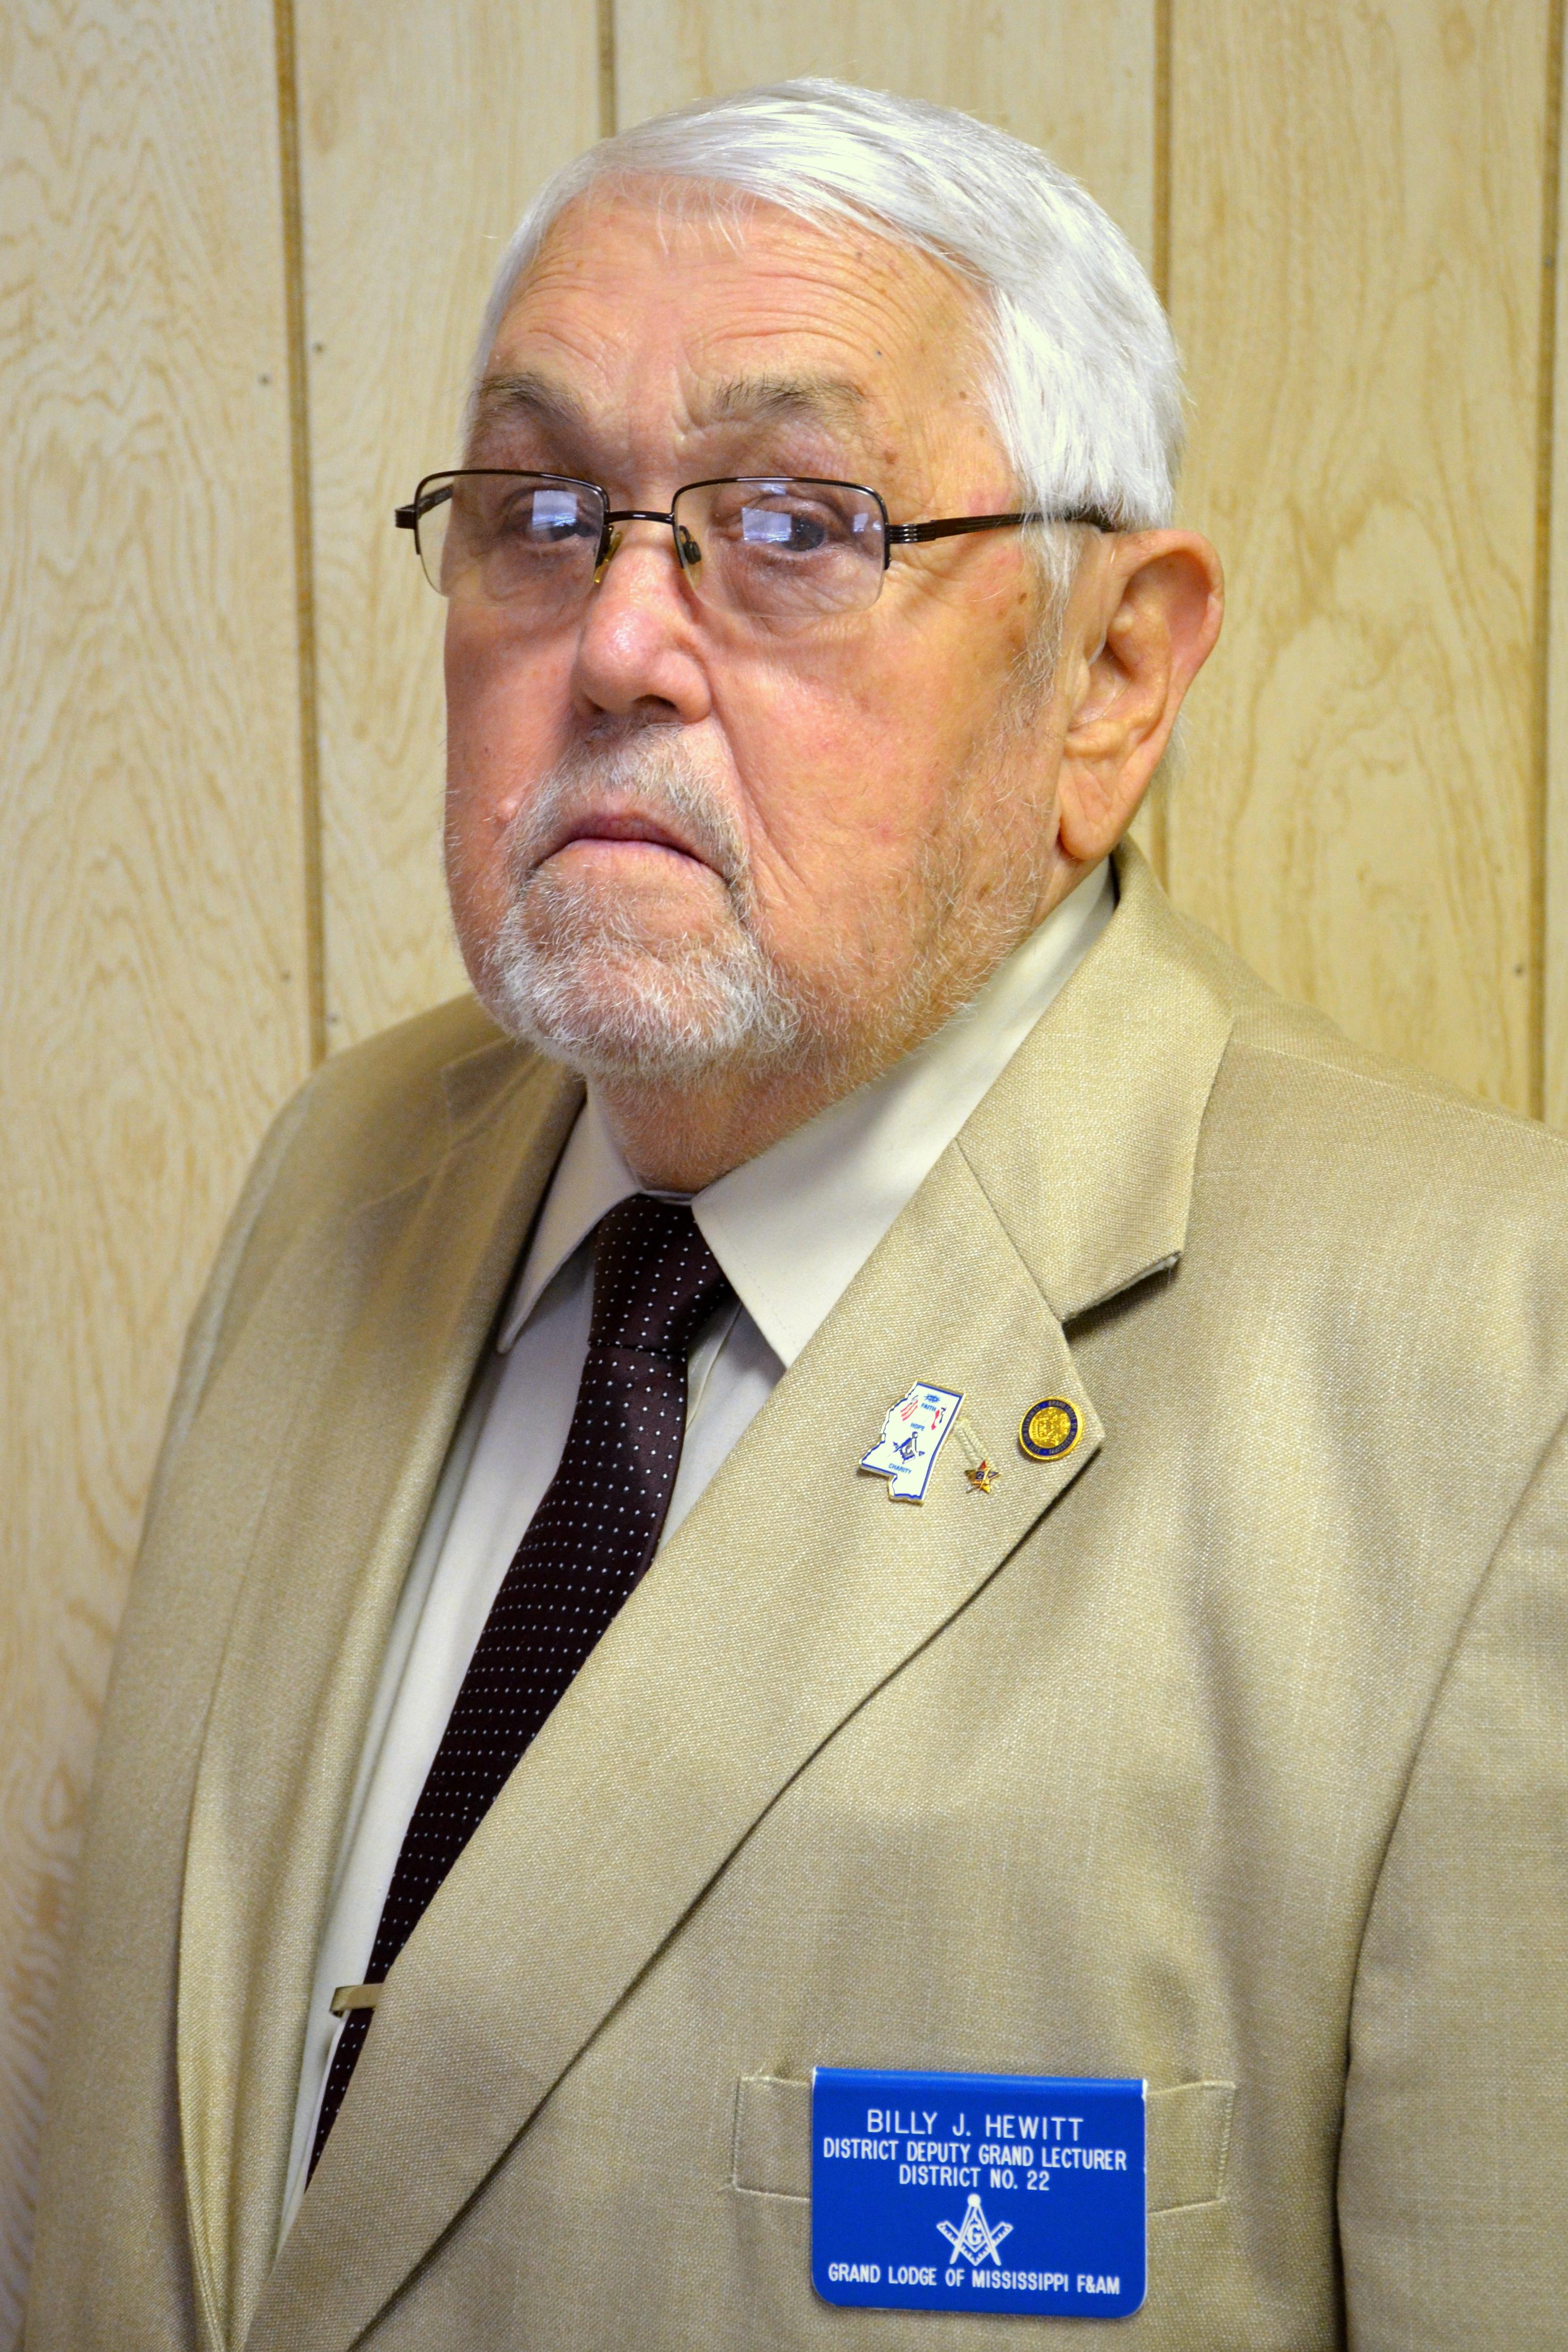 Billy J. Hewitt